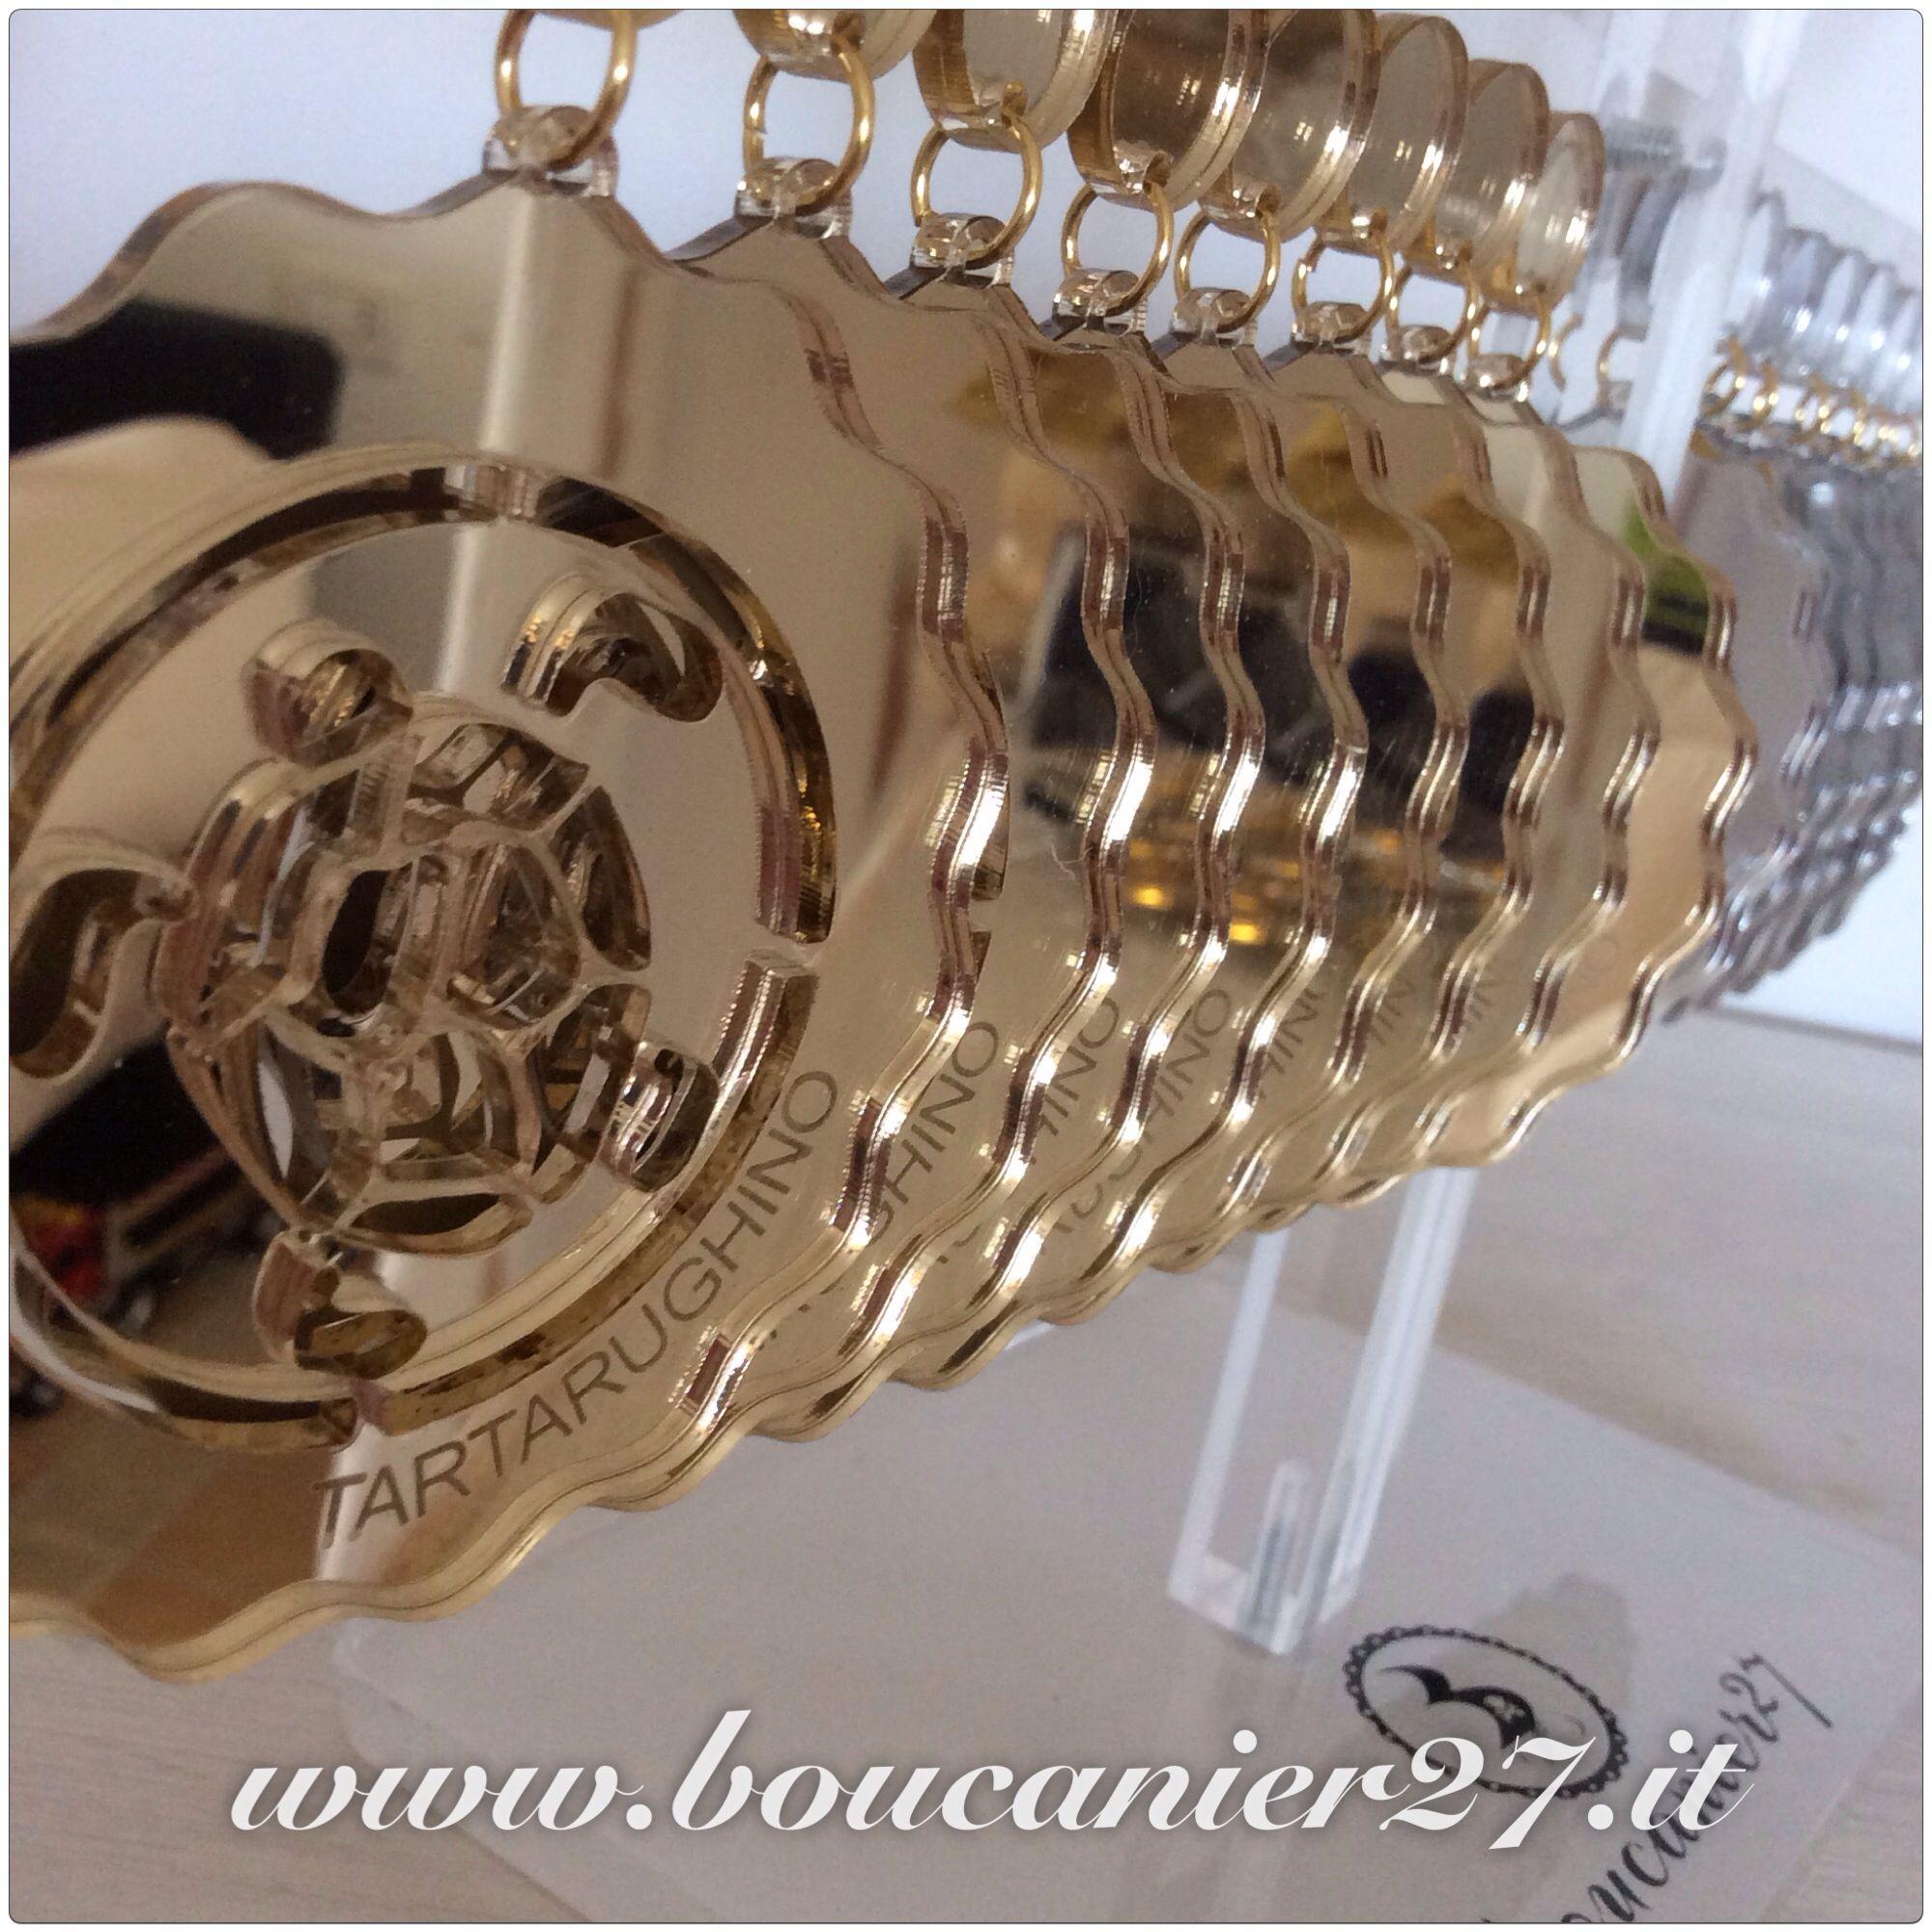 #tartarughinobeach porto rotondo personalizzato da #boucanier27 oro e argento